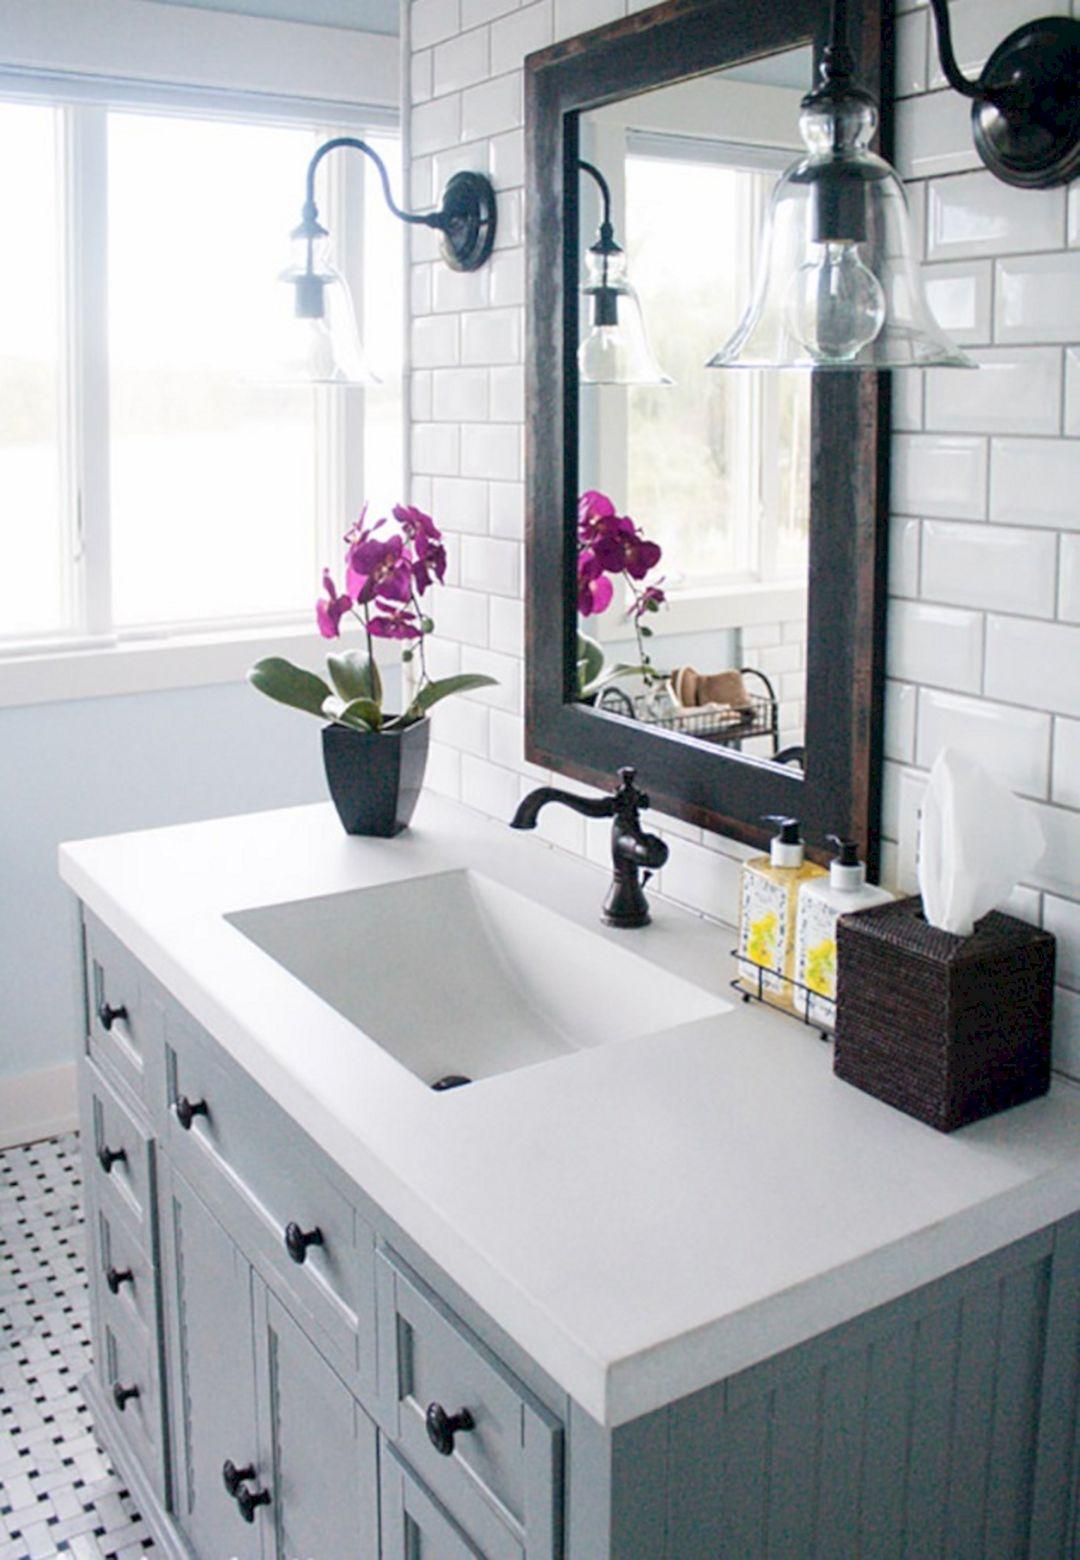 Best DIY Master Bathroom Ideas Remodel On a Budget 22 – DECOREDO